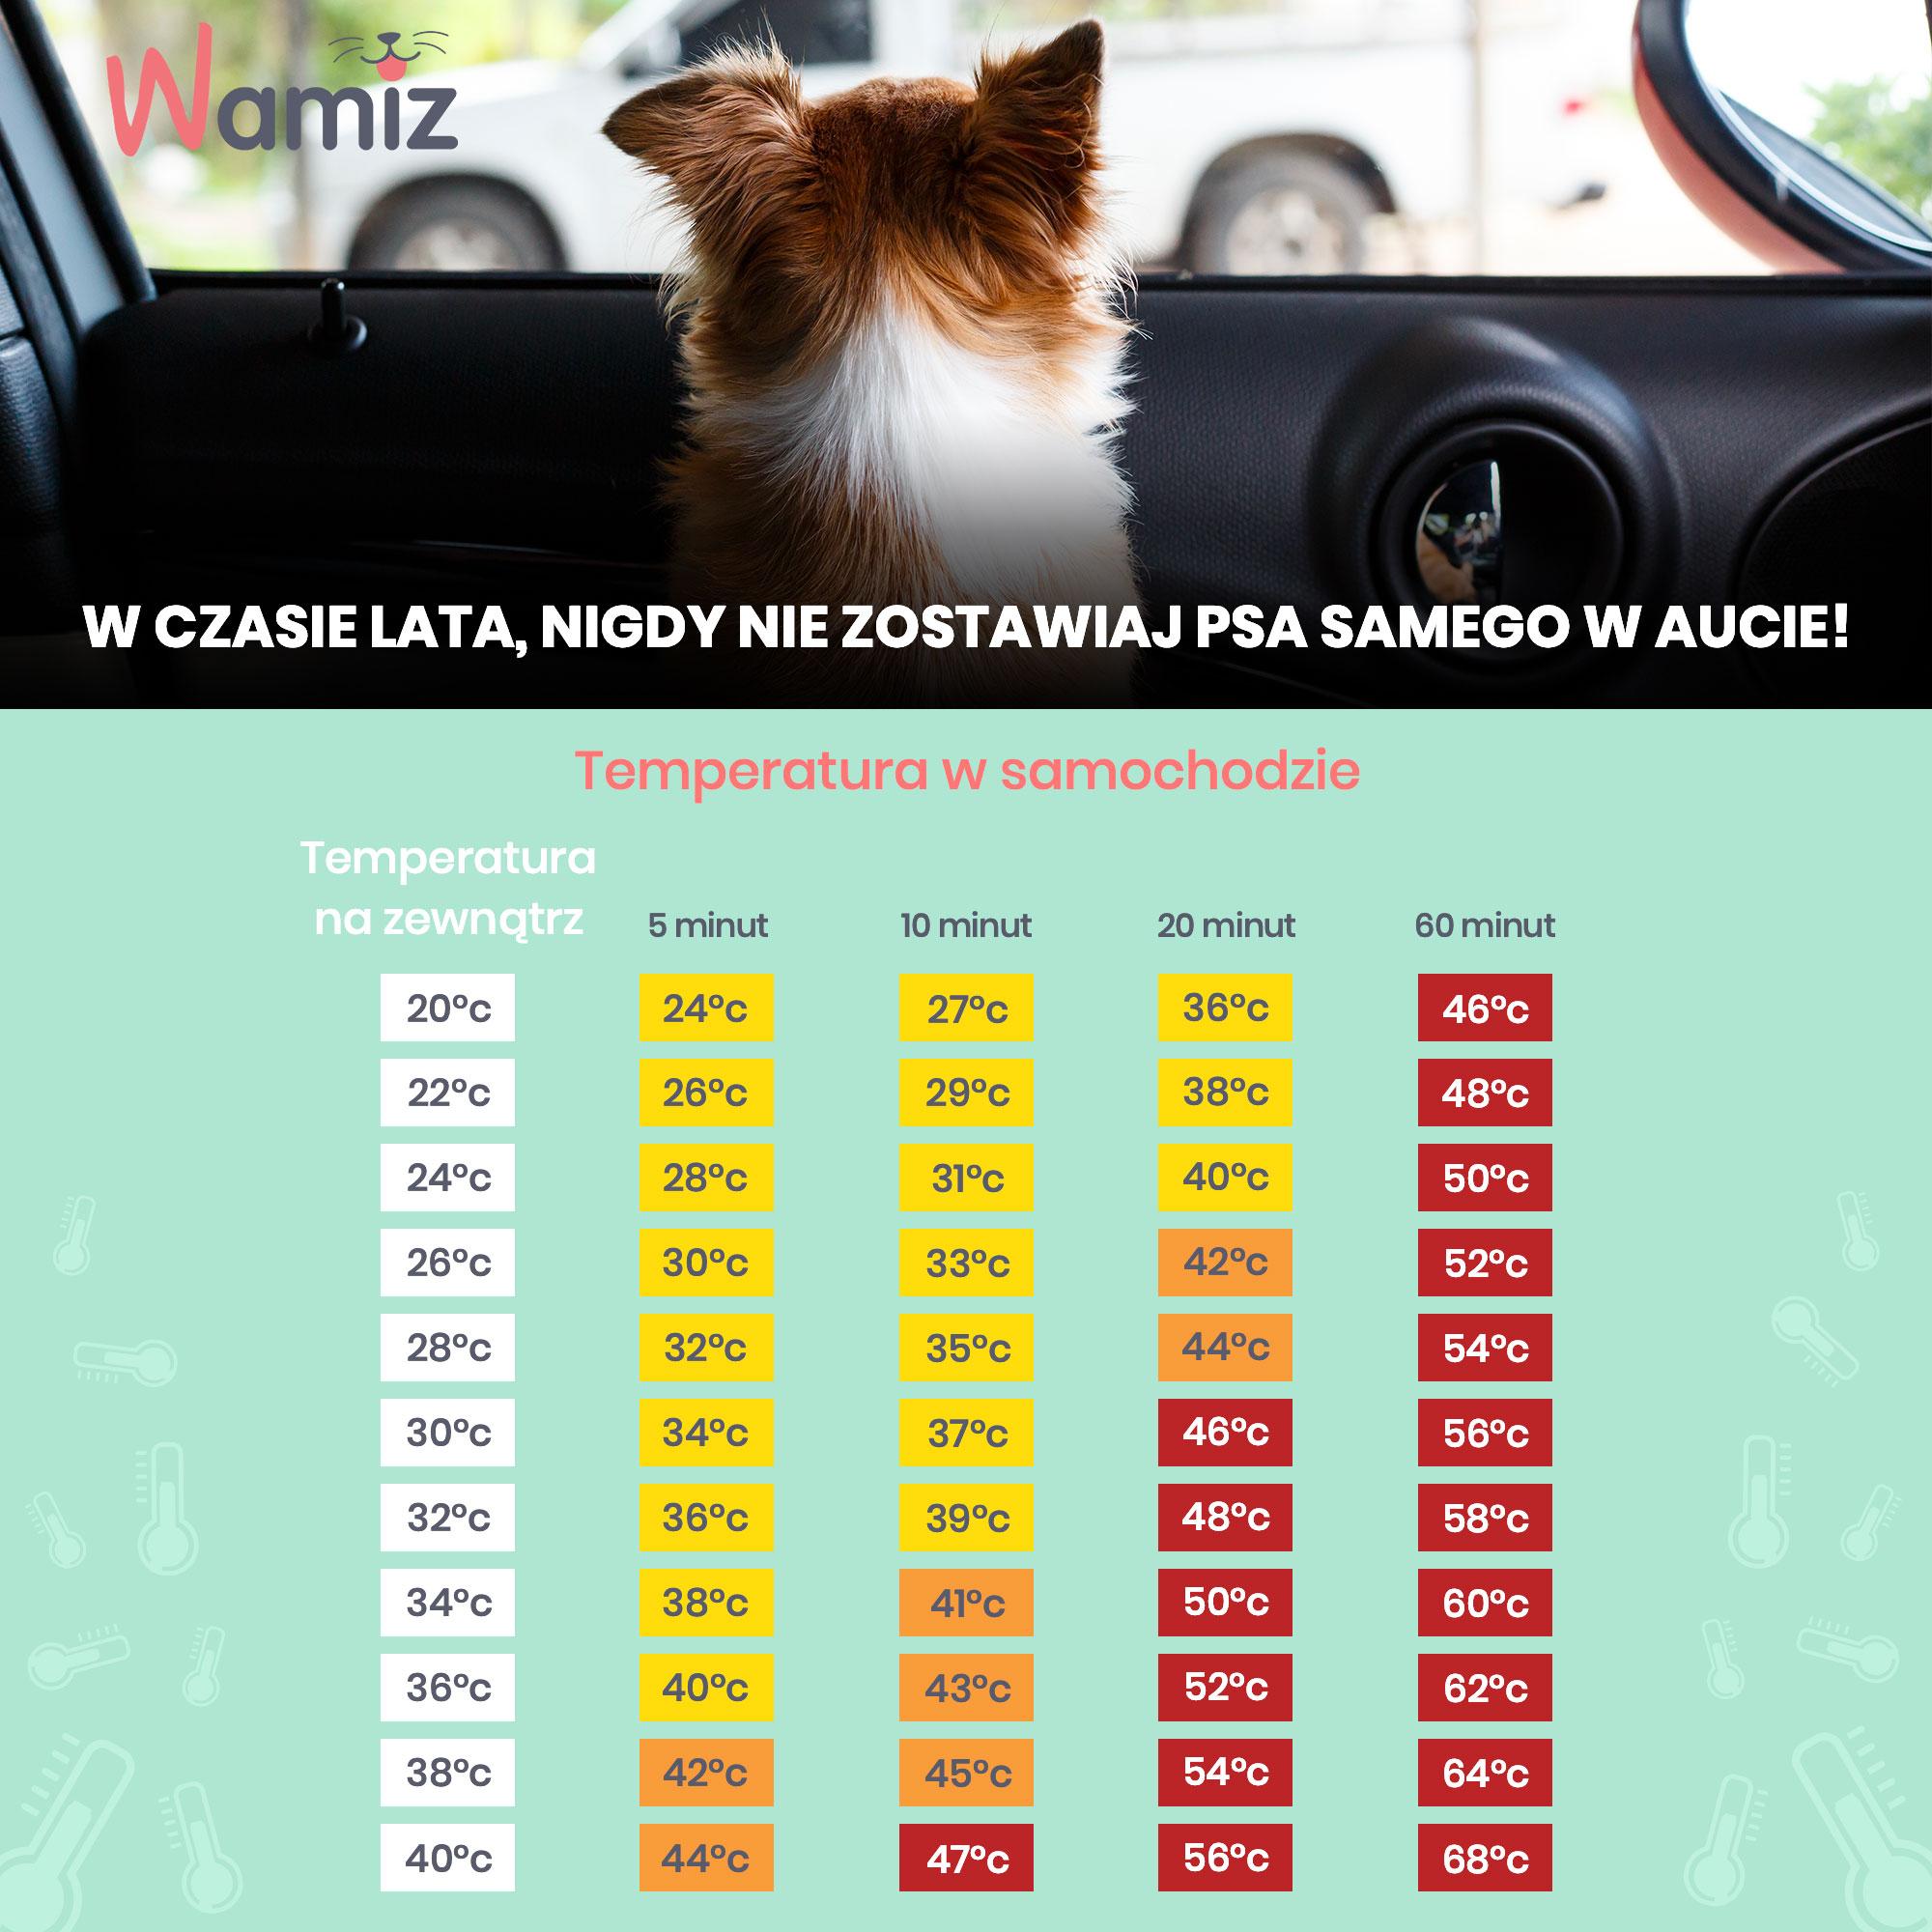 temperatura w samochodzie